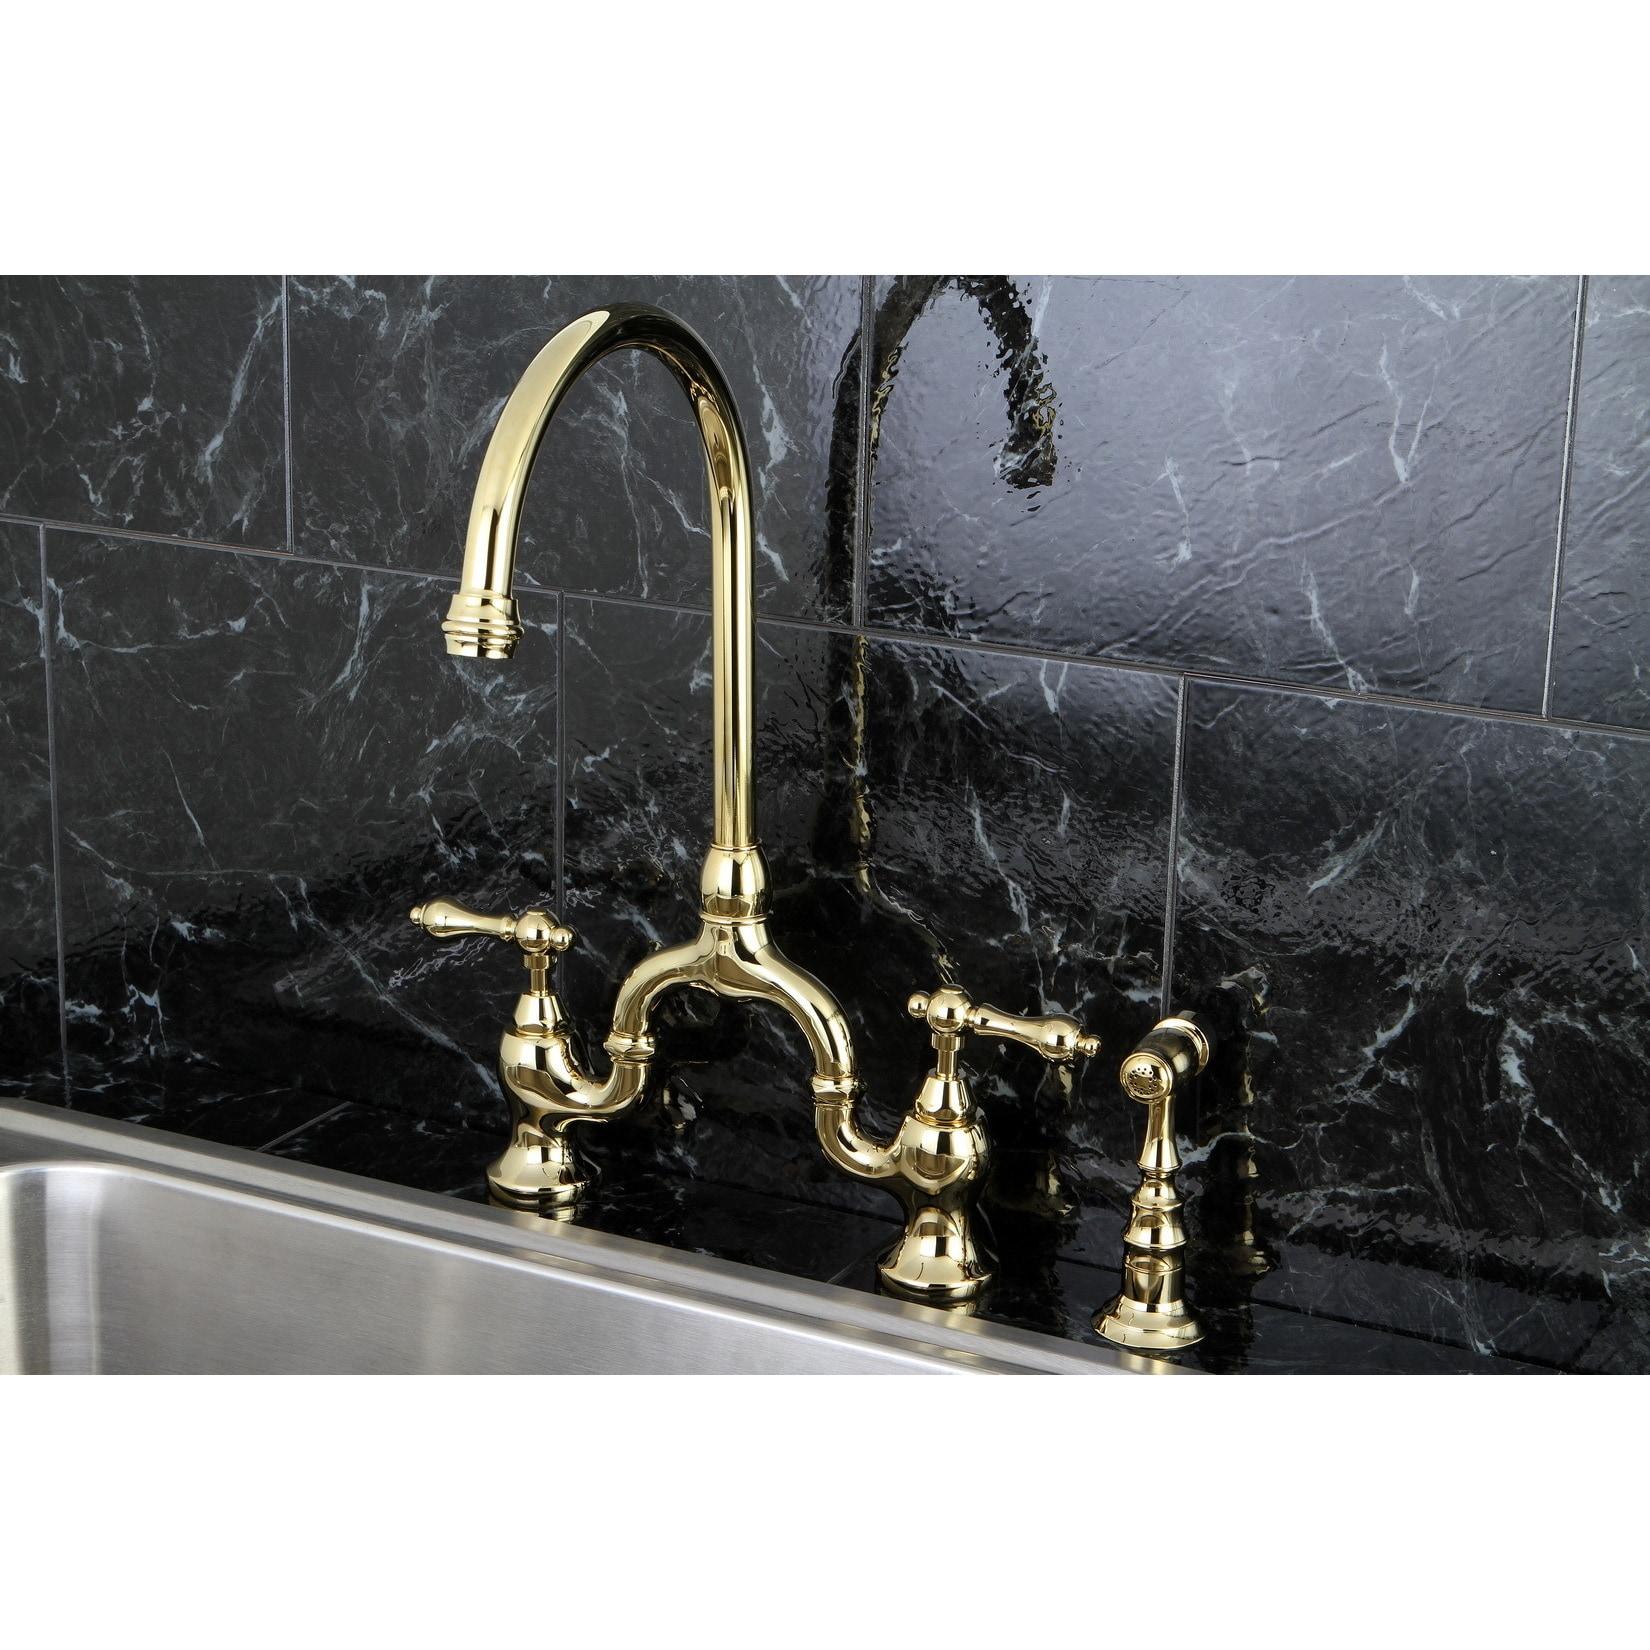 Shop Vintage High-spout Polished Brass Bridge Kitchen Faucet with ...